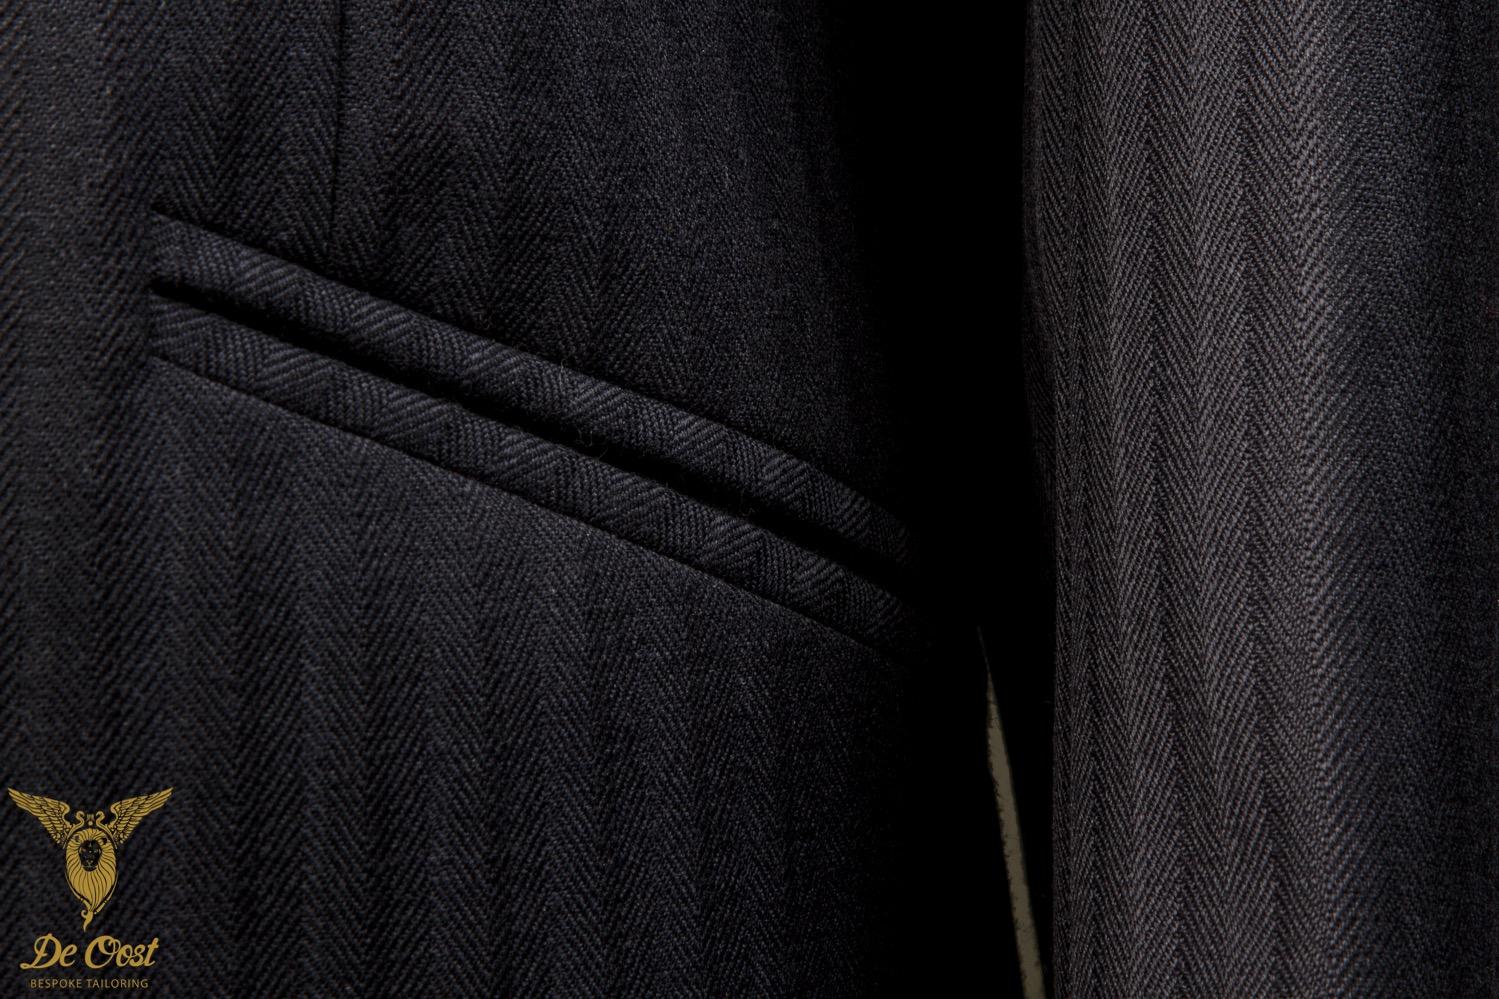 Heren+pakken+en+kostuums+laten+maken+Amsterdam+Navy+Visgraat+Brits+Engels+(2).jpg